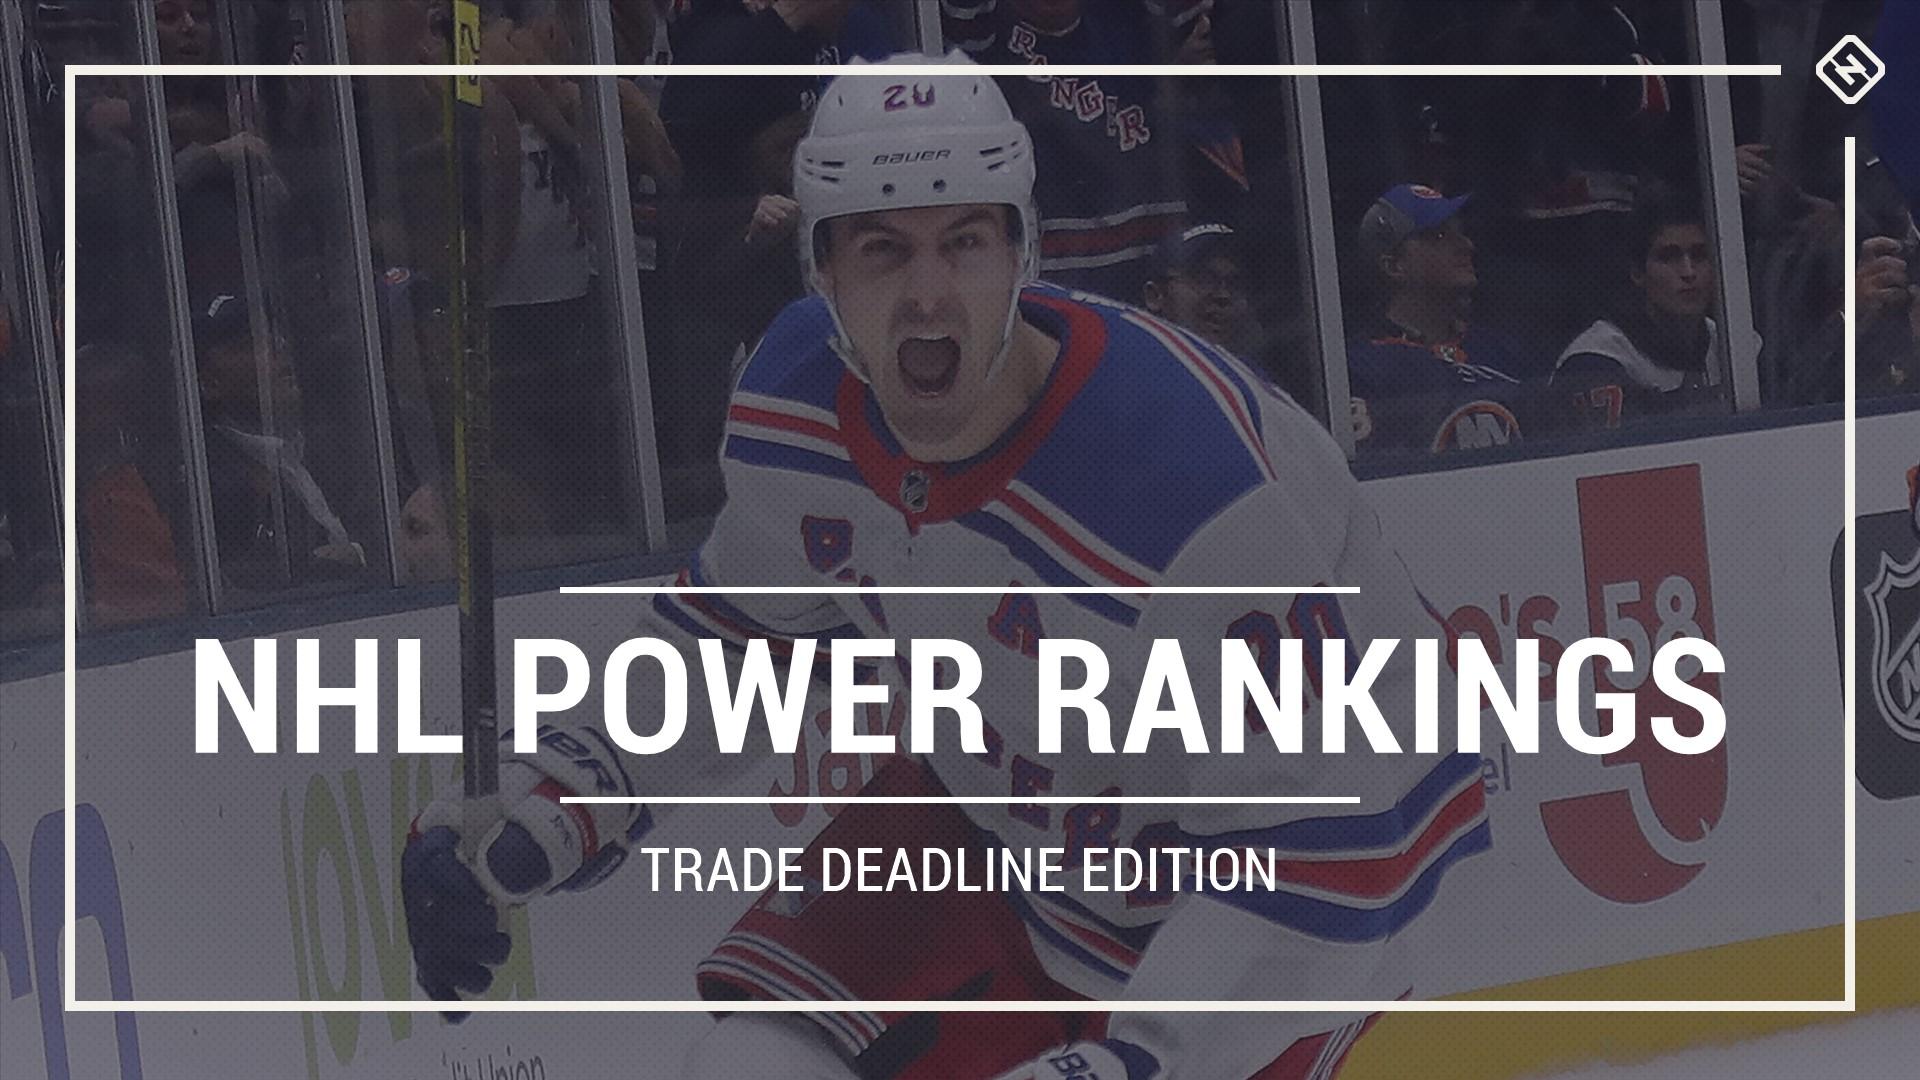 Clasificación de poder de la NHL: Golden Knights, Rangers, Oilers cambian después de la fecha límite de intercambio 51